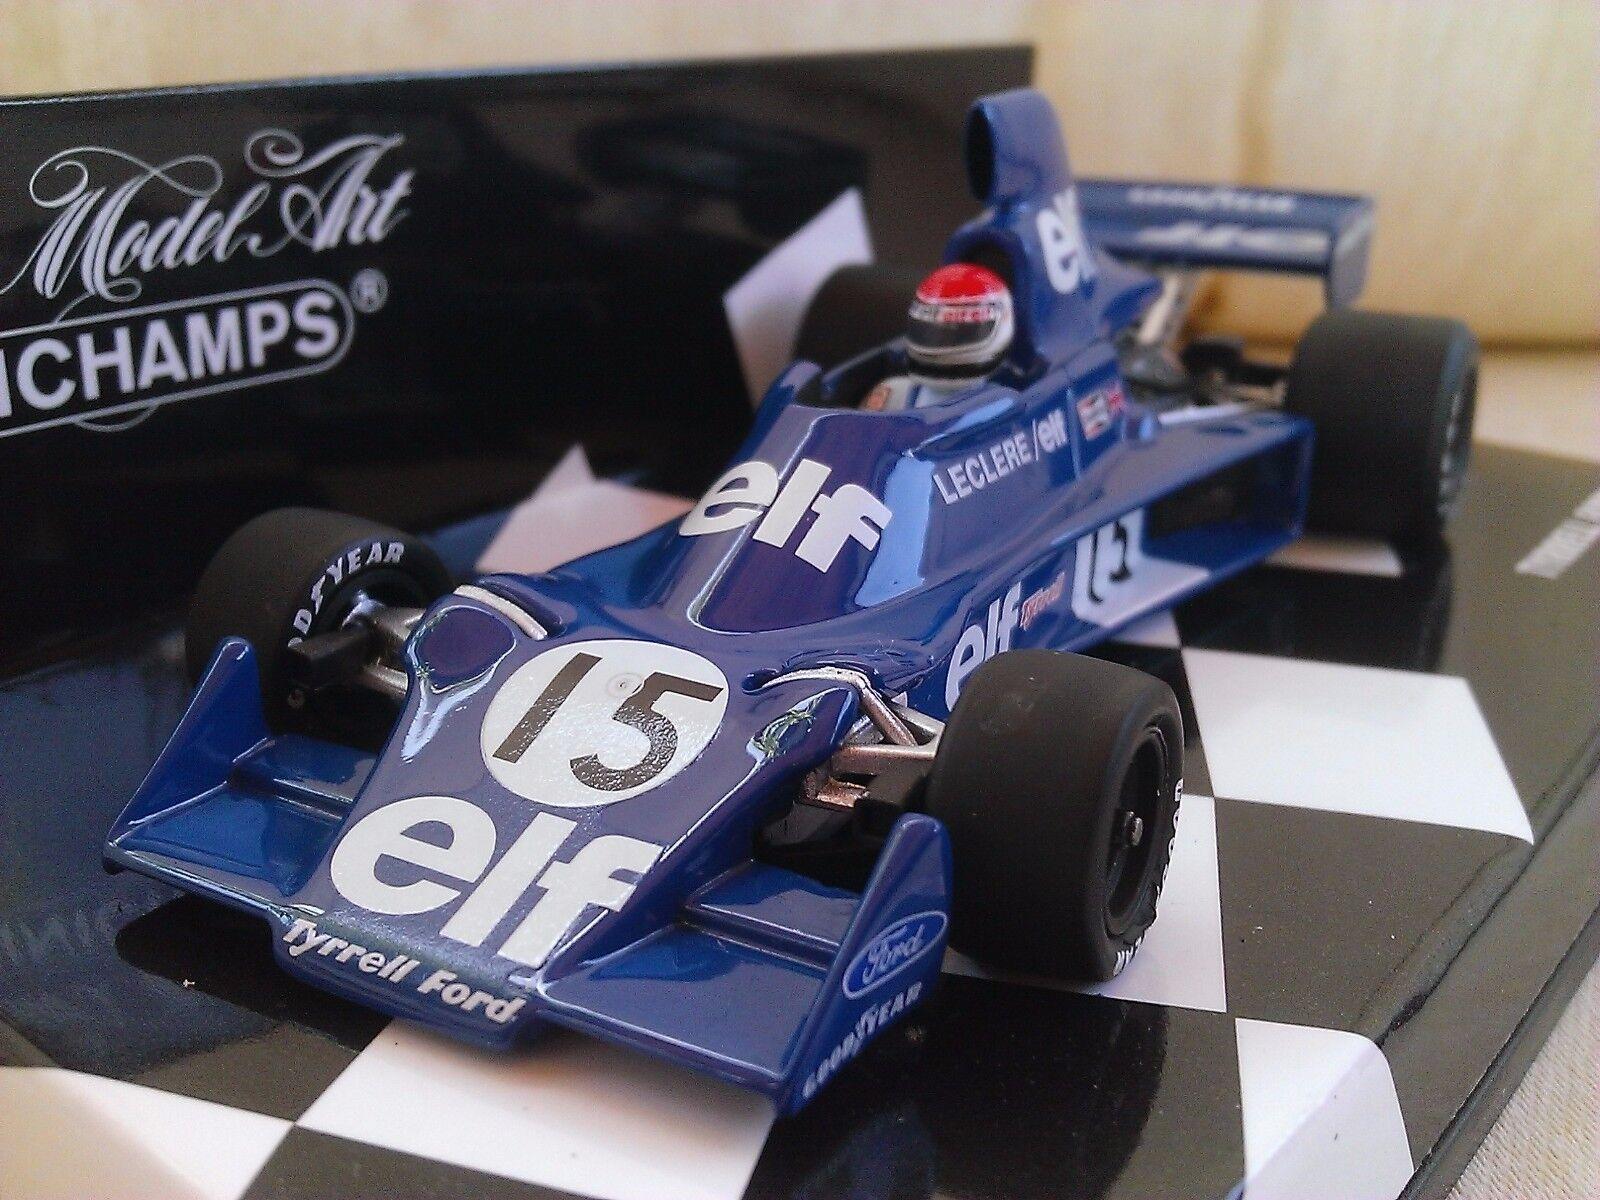 15 Tyrrell Ford 007 Michel Leclere 1975 modelo fundido F1 COCHE 1 43 MINICHAMPS